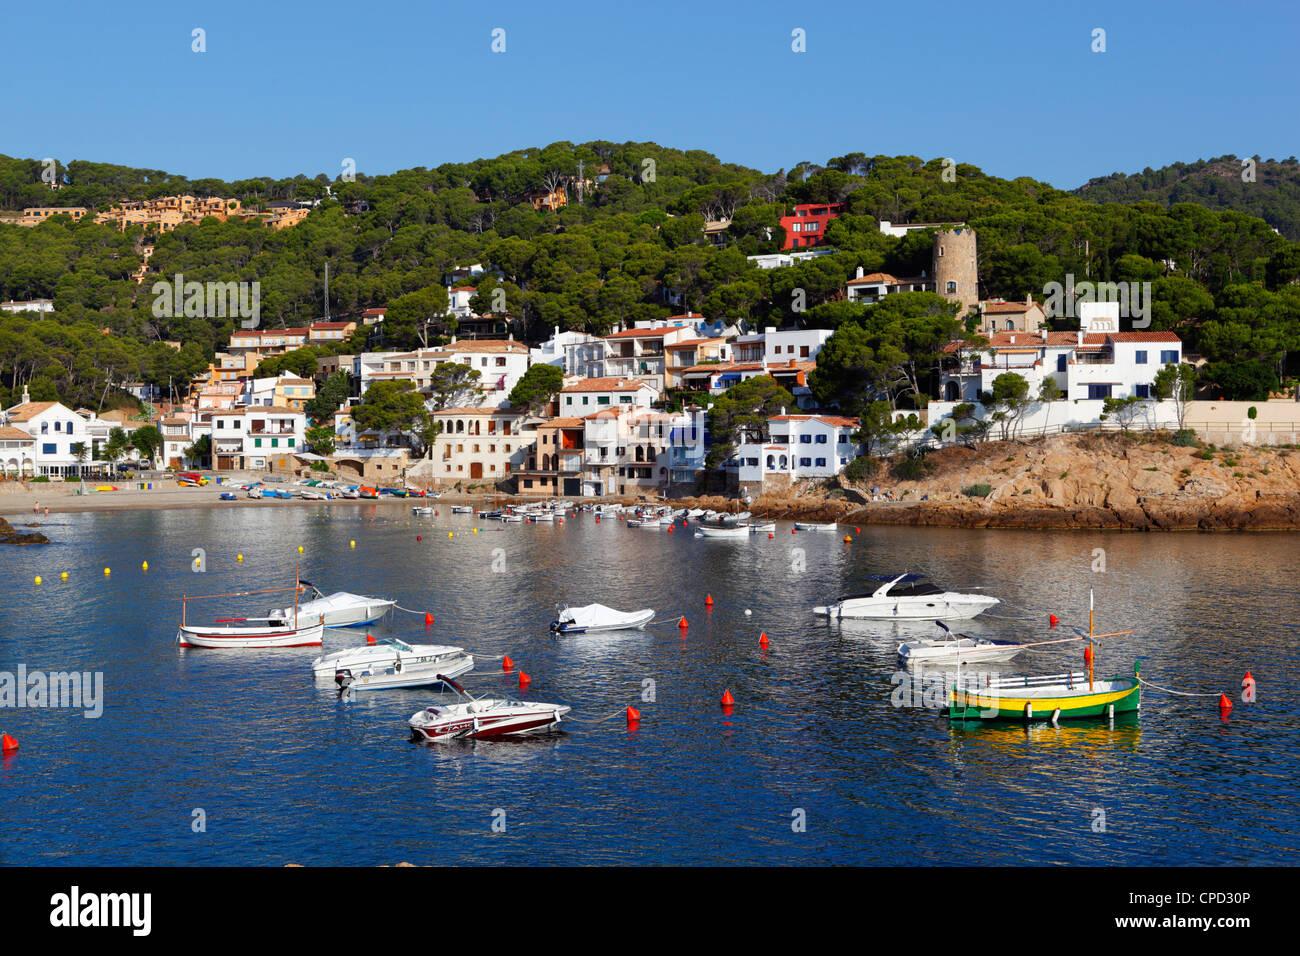 Sa il tonno, vicino a Begur in Costa Brava Catalogna, Mediterraneo, Europa Immagini Stock